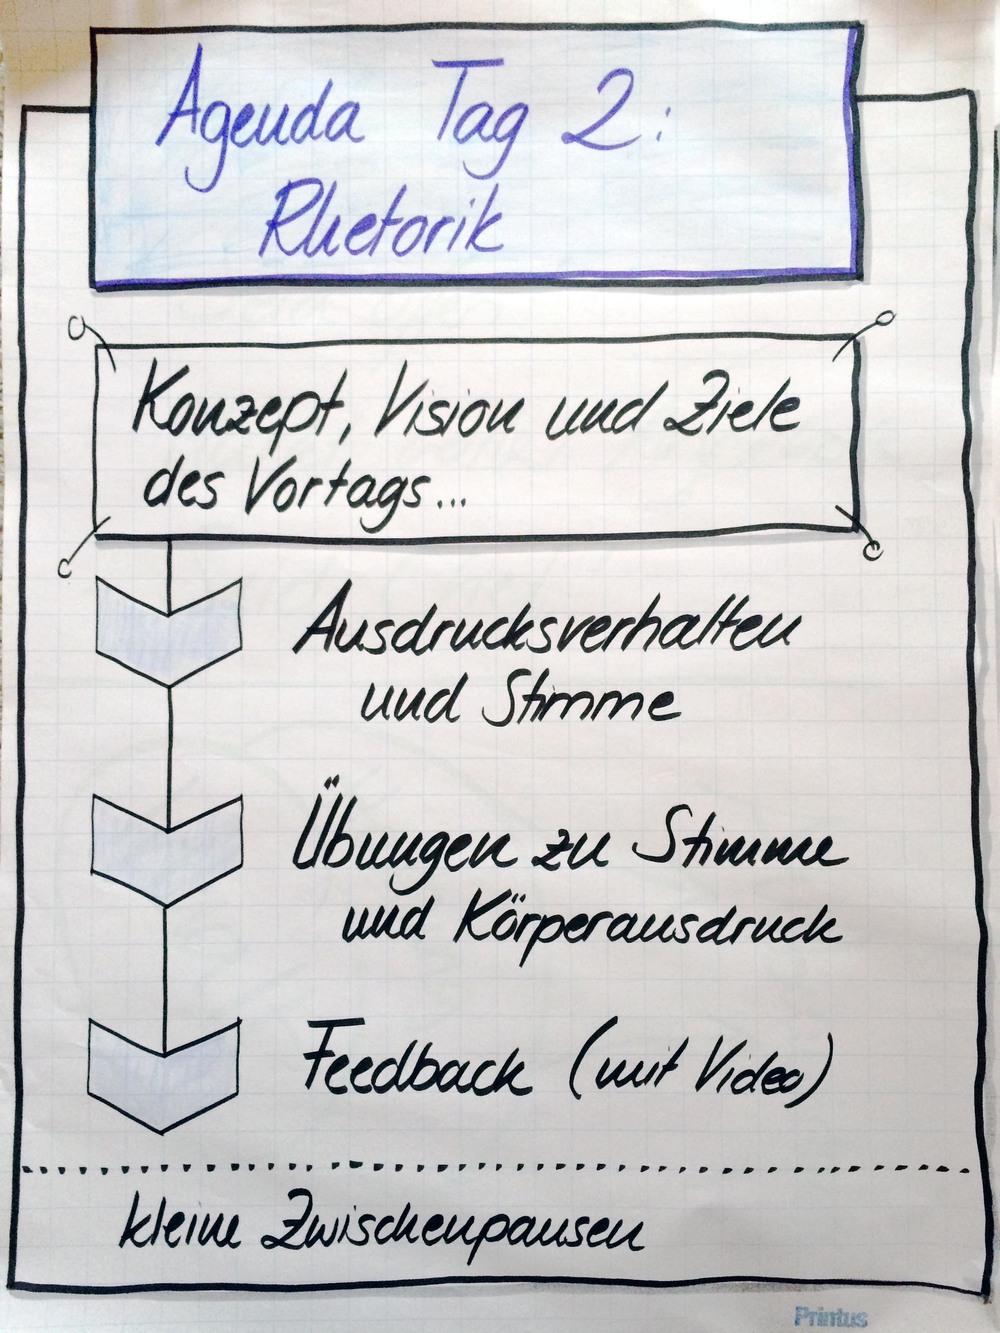 Tag 2: Für das erarbeitete Konzept wird ein die passende und überzeugende Präsentation entwickelt.